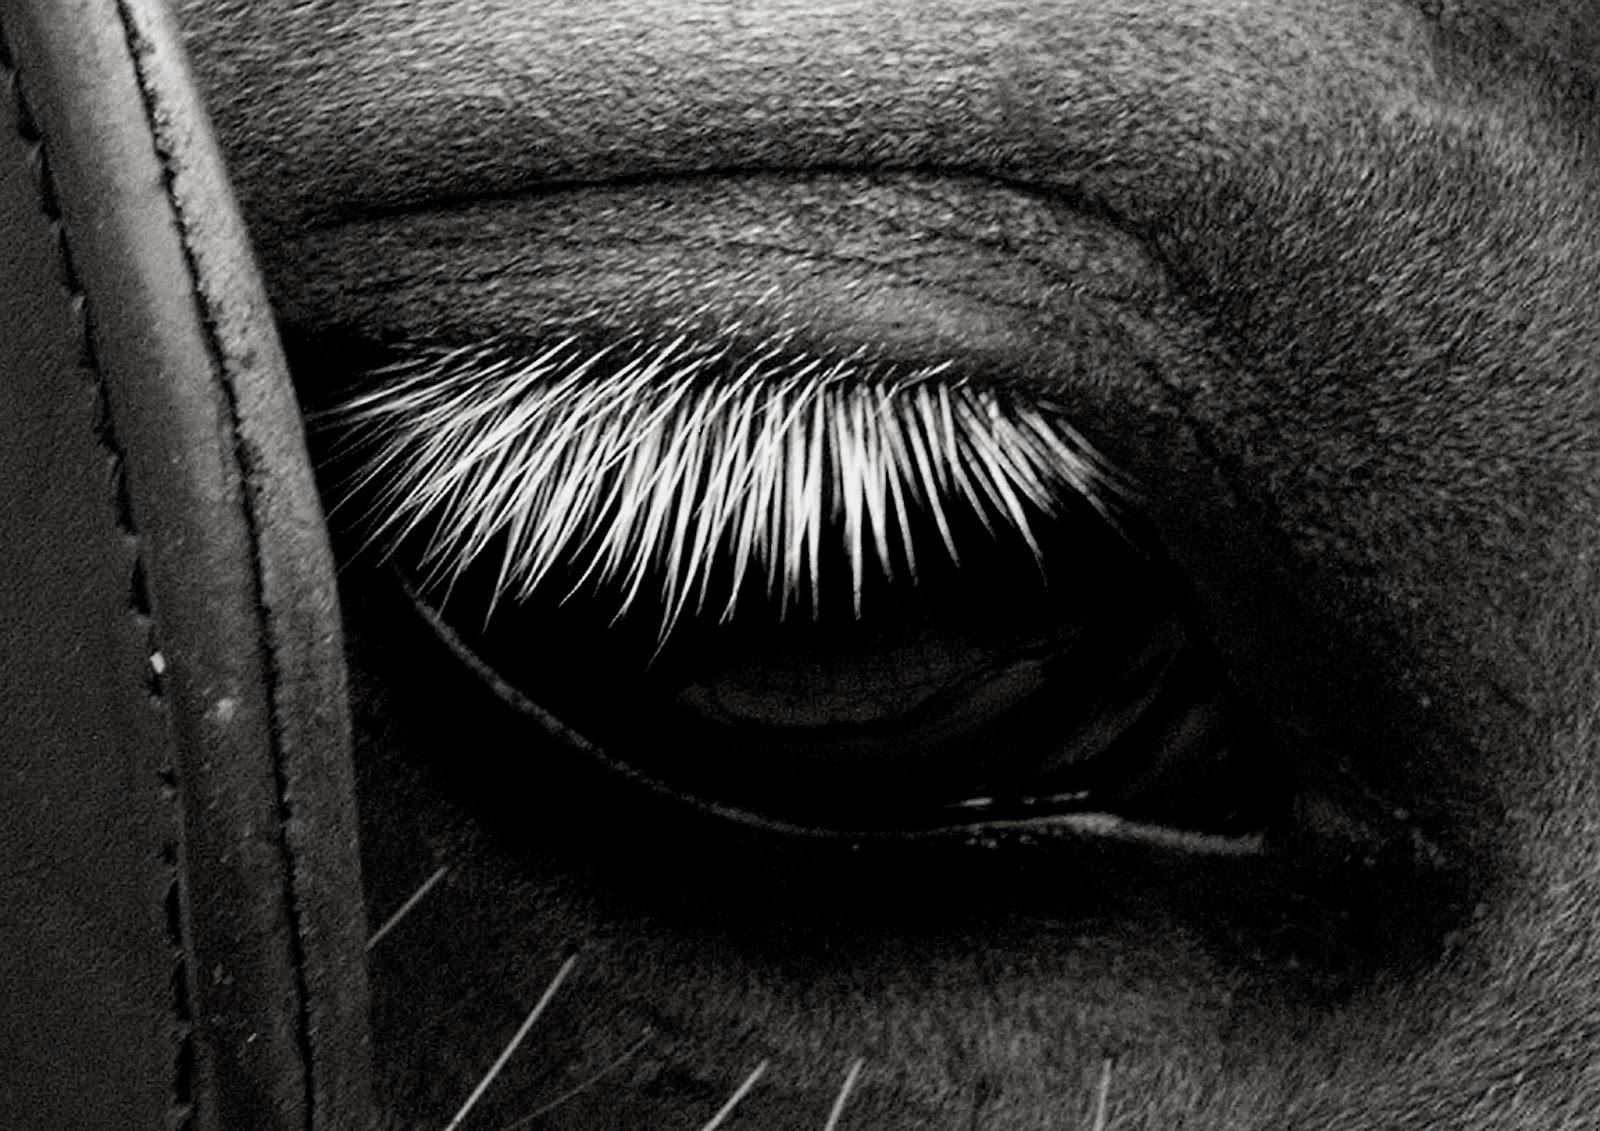 قصة الحصان الوفي